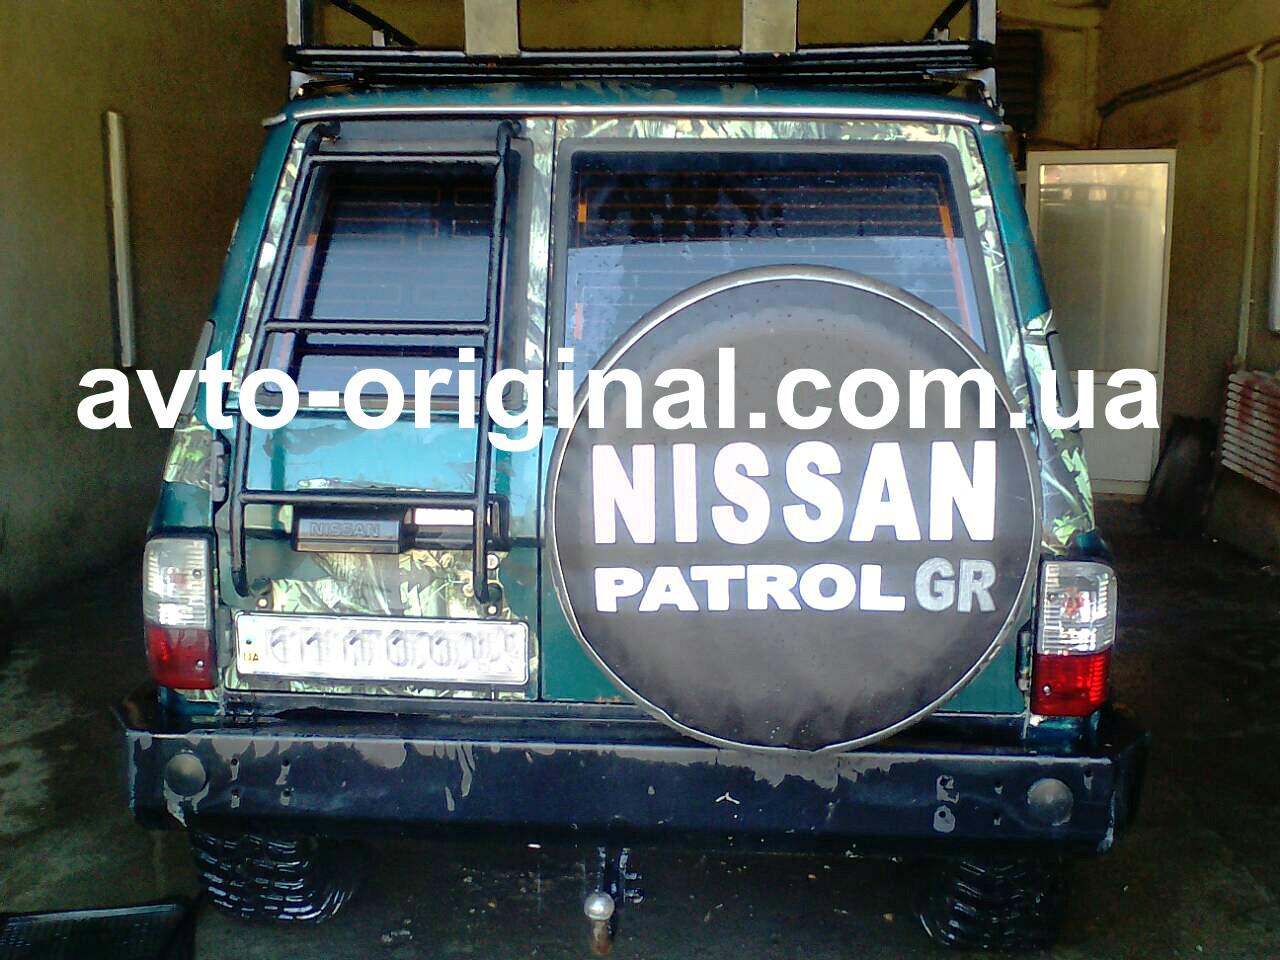 чехол запаски nissan patrol